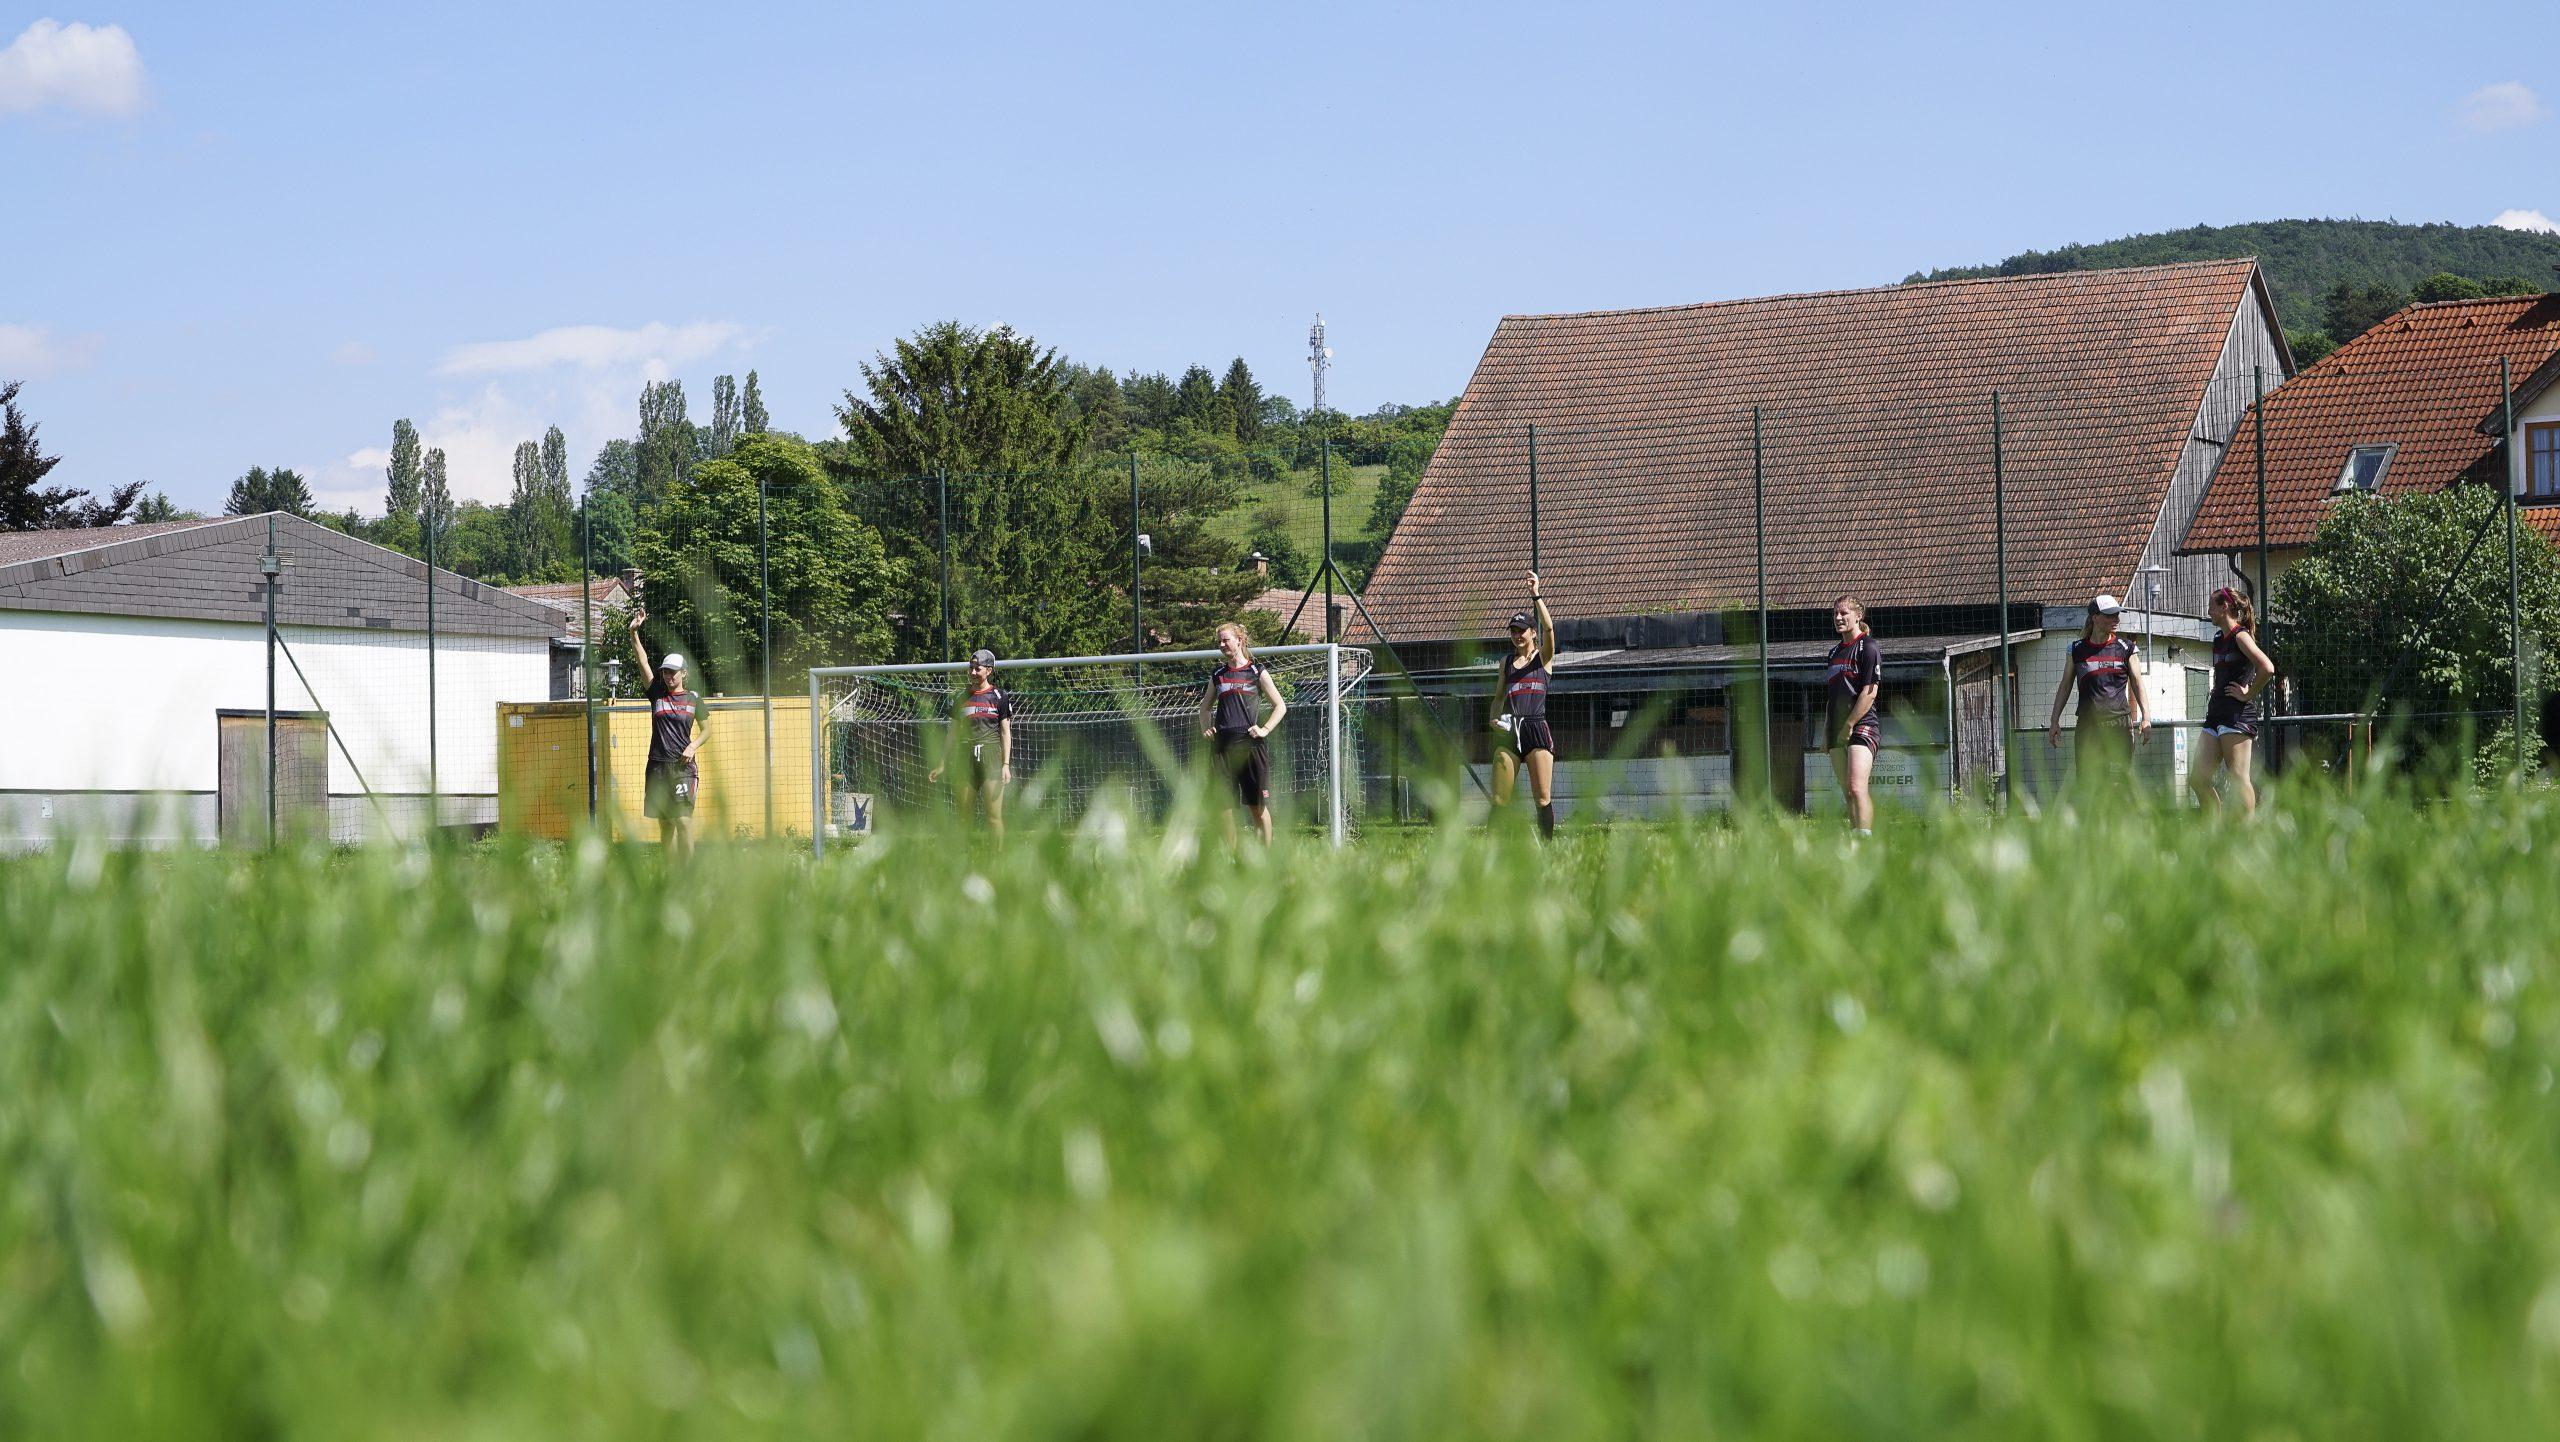 Österreichisches Ultimate Frisbee Nationalteam der Frauen am Spielfeld.